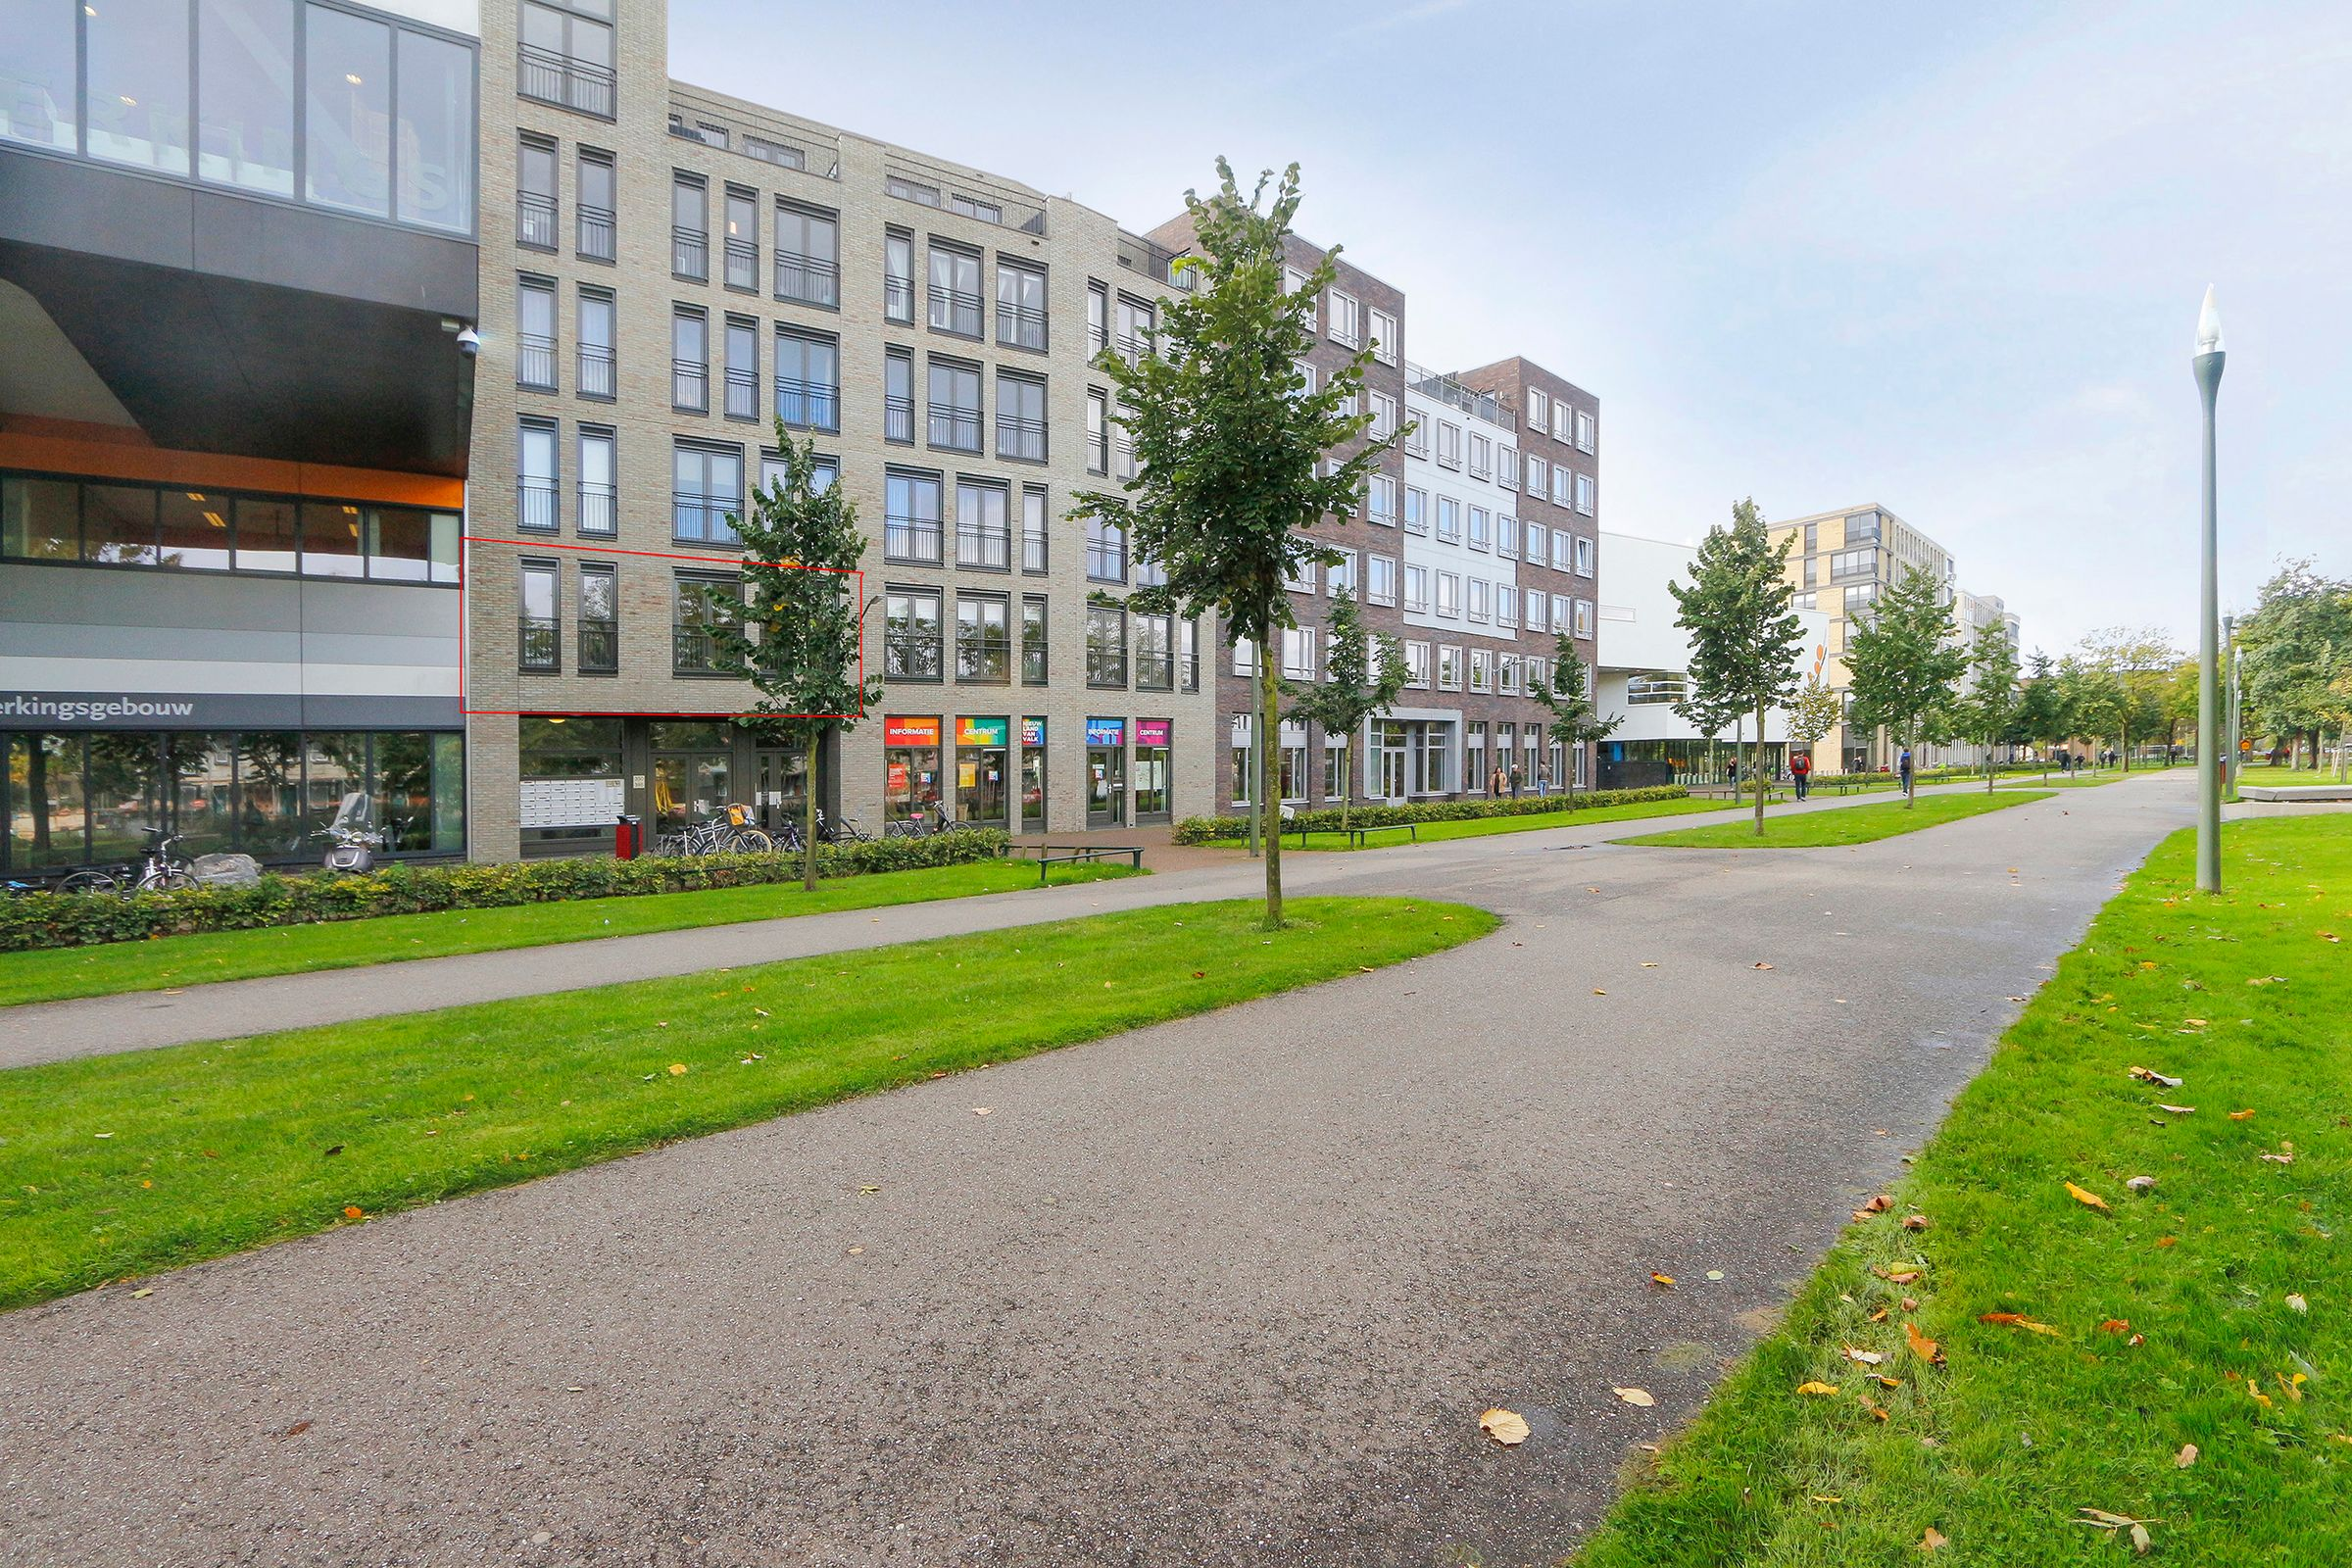 Leerparkpromenade 350, Dordrecht